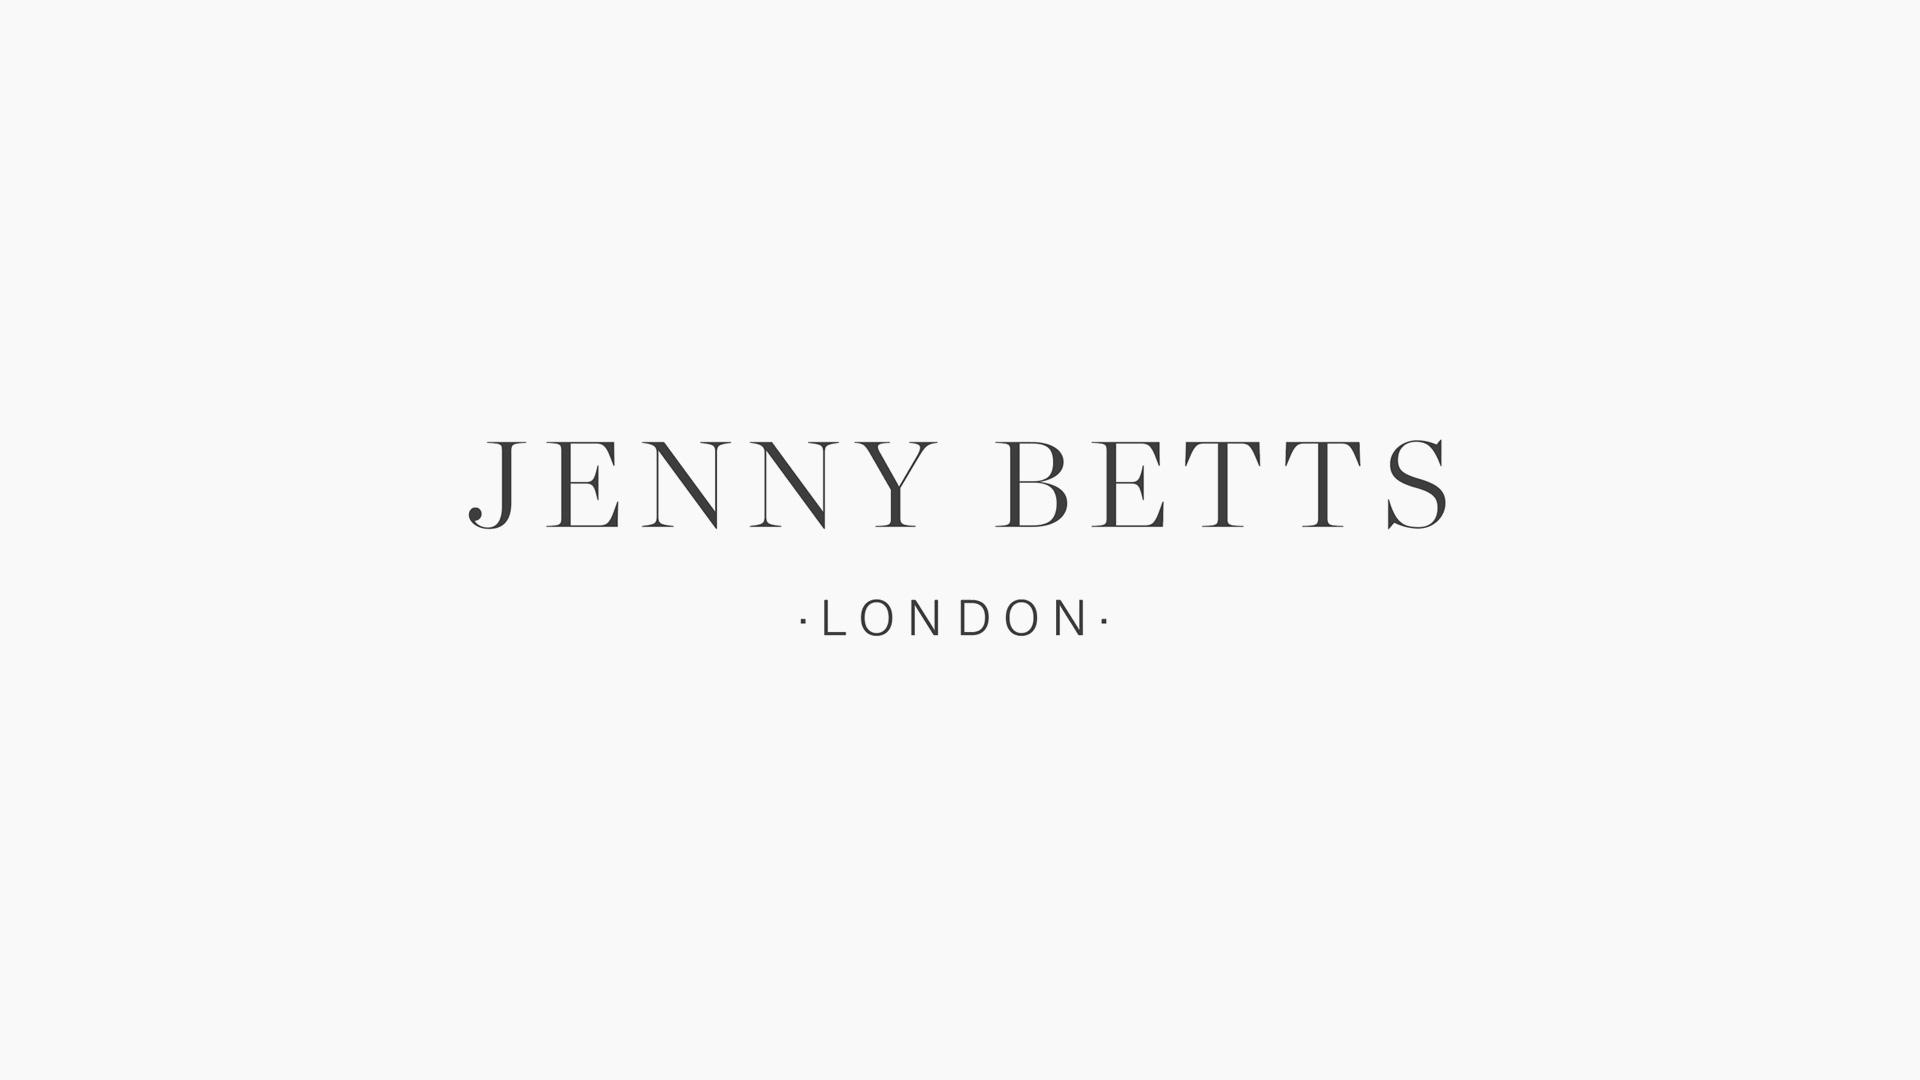 Jenny Betts London logo